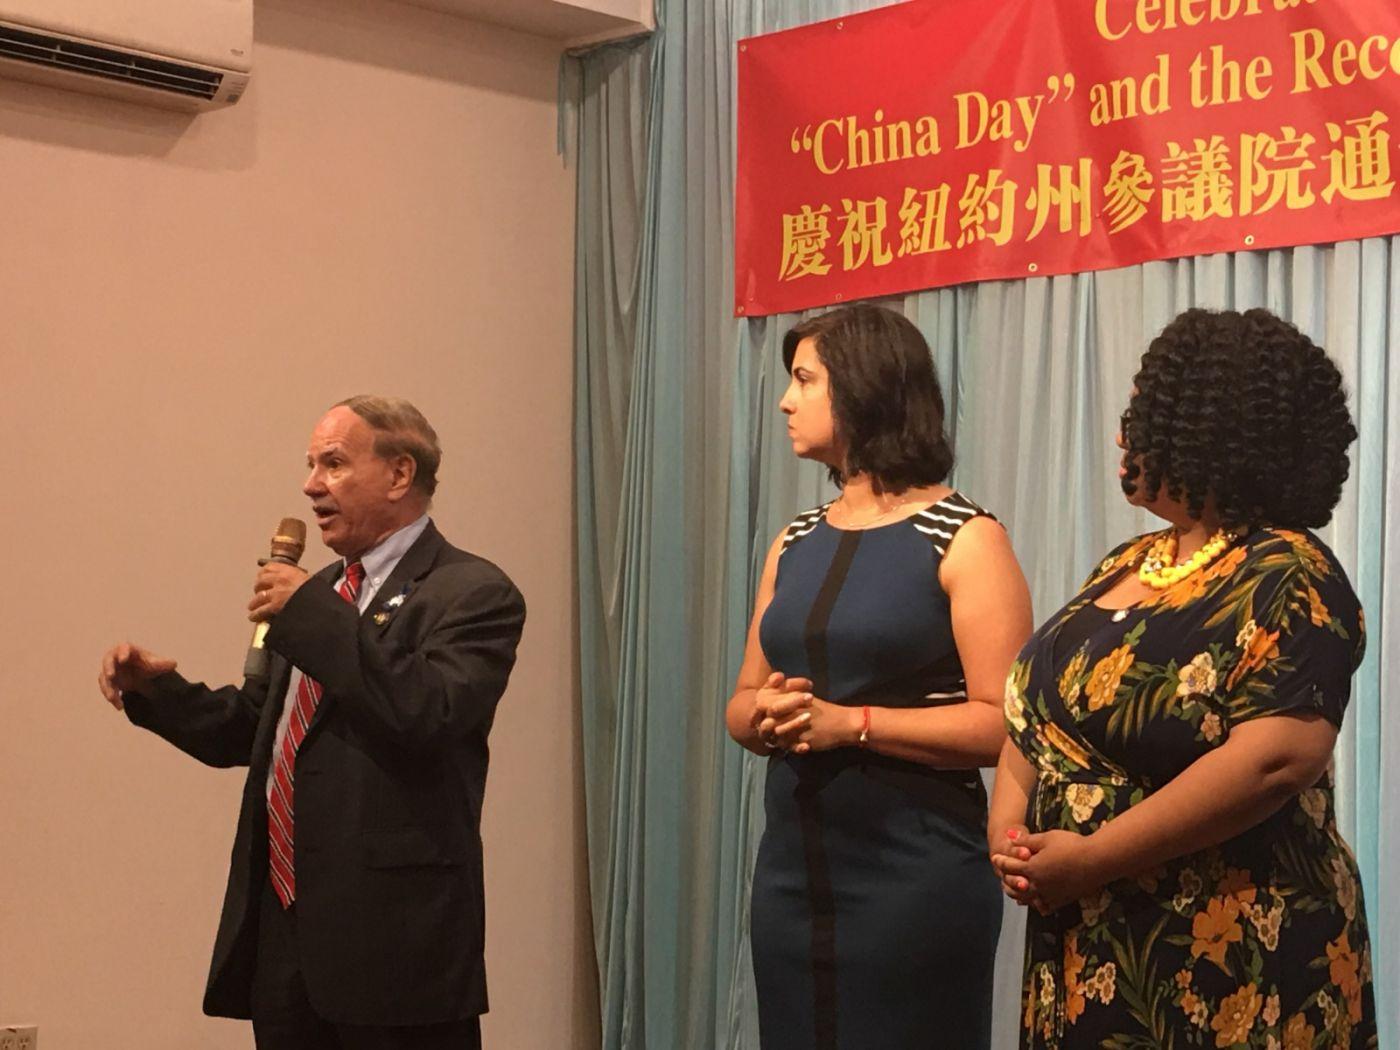 紐約州參議院通過「中國日」決議案慶祝会在紐約舉行_图1-20